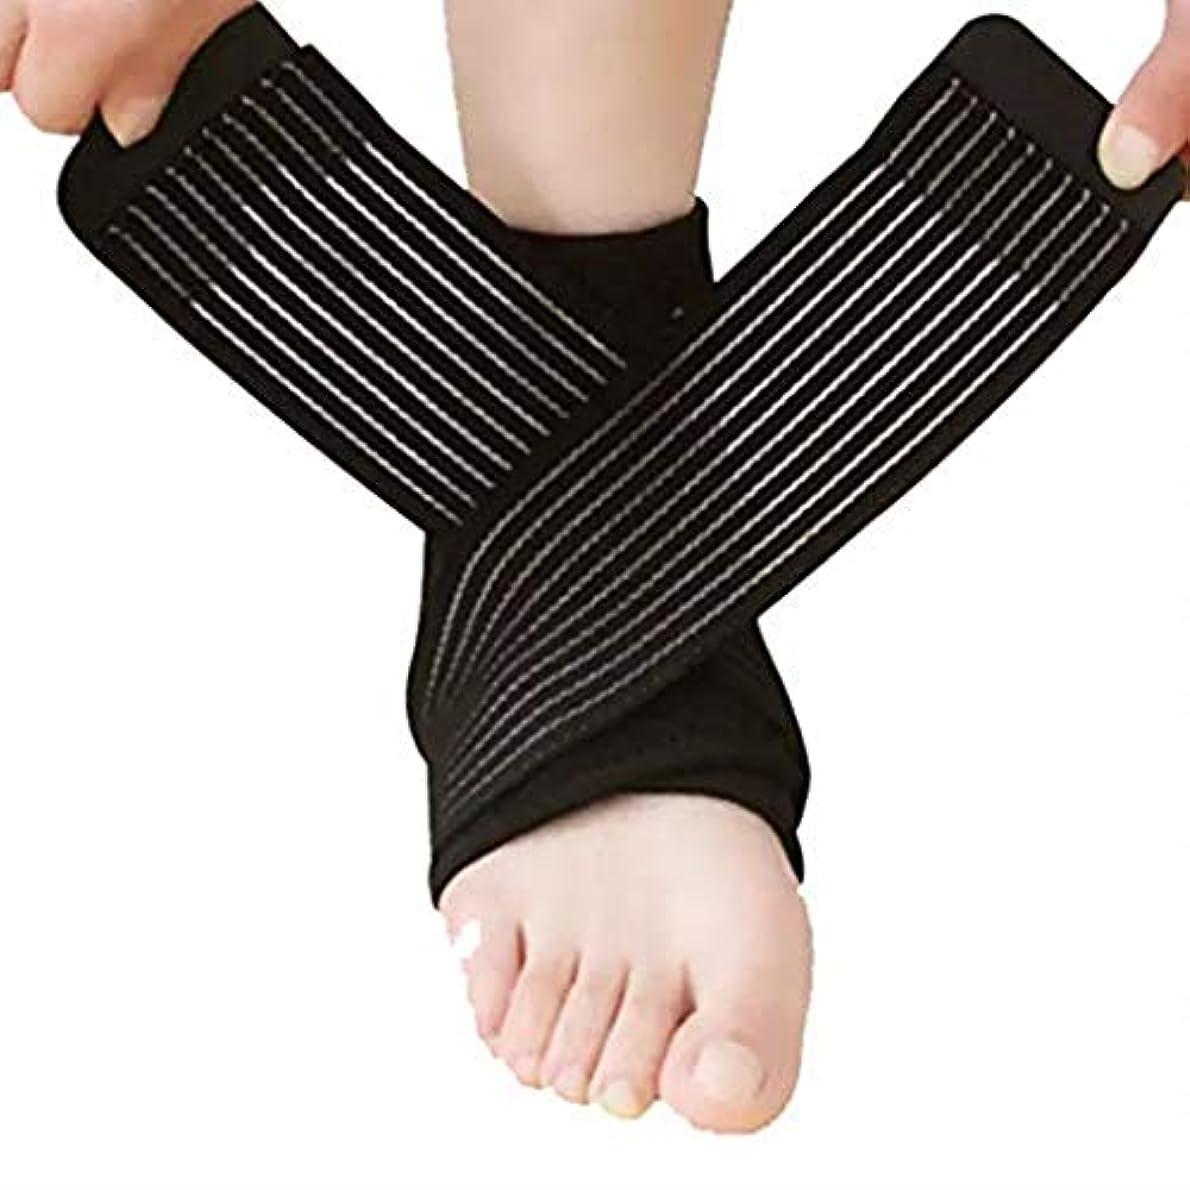 金額溶ける同化する足首サポート調節可能な足首ブレース通気性のあるナイロン素材伸縮性があり快適な1サイズスポーツに最適慢性的な足首の捻Sp疲労からの保護